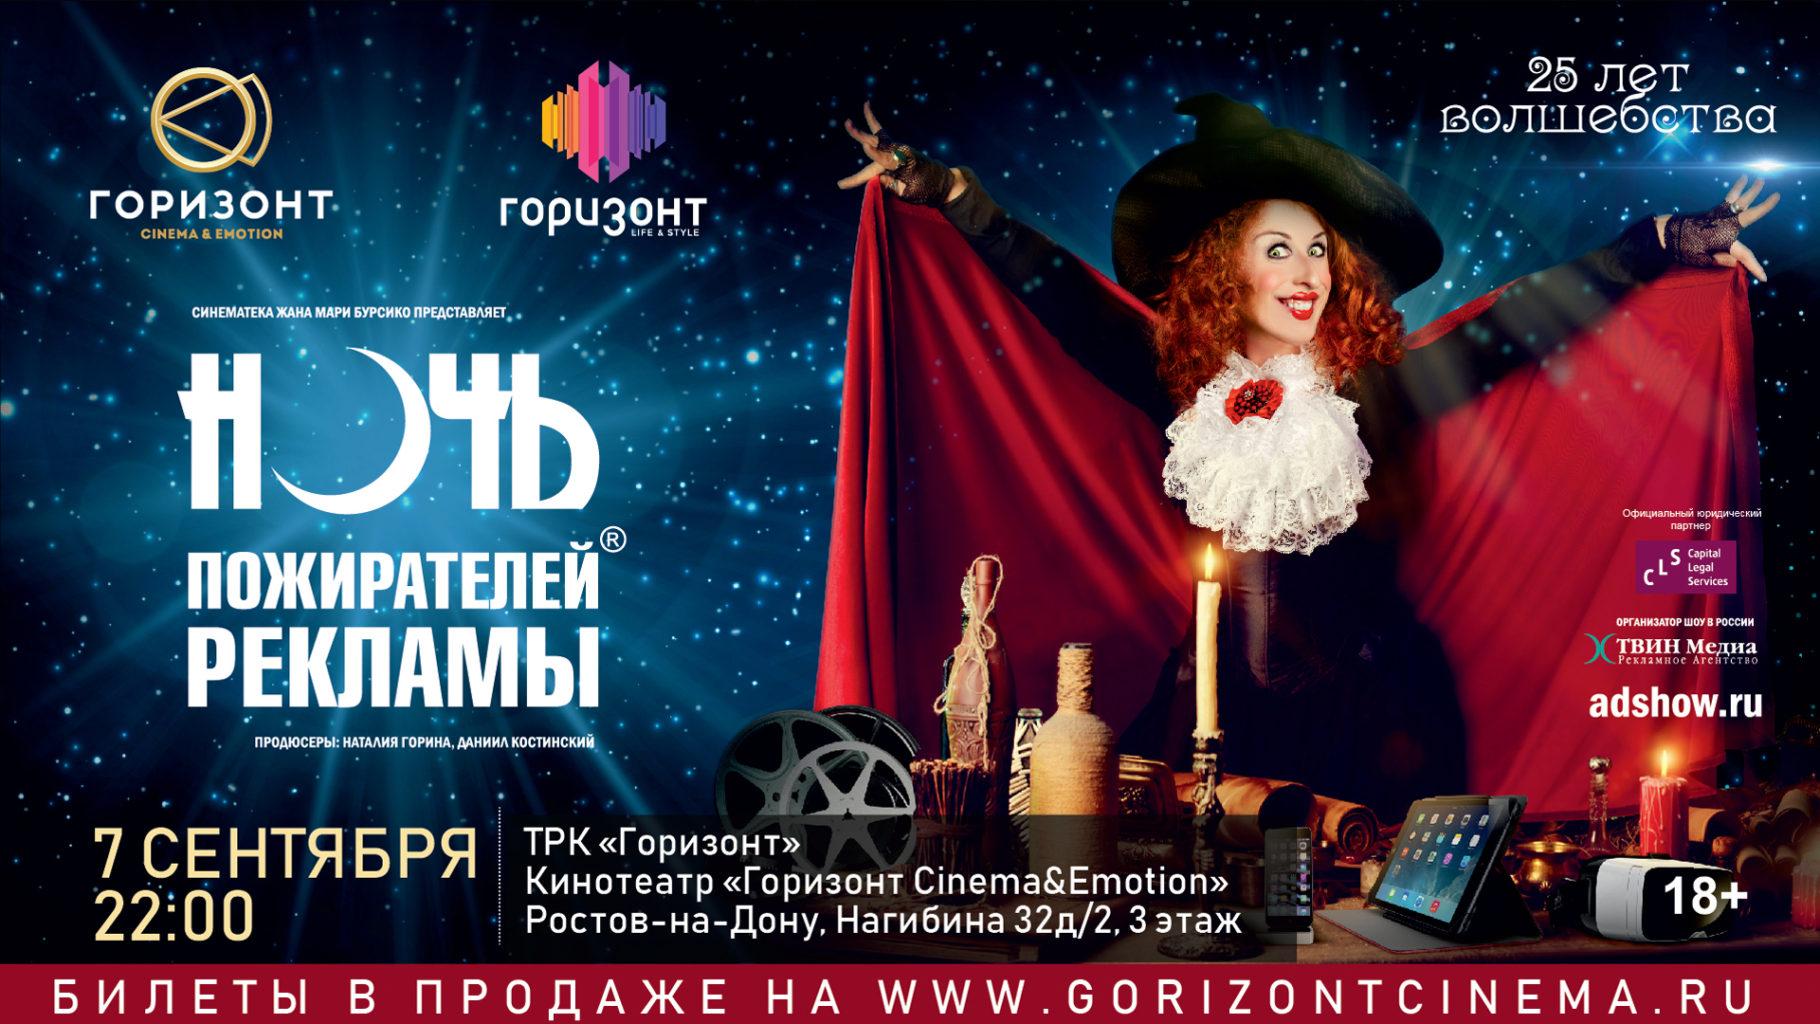 Ночь пожирателей рекламы 2018 в Ростове